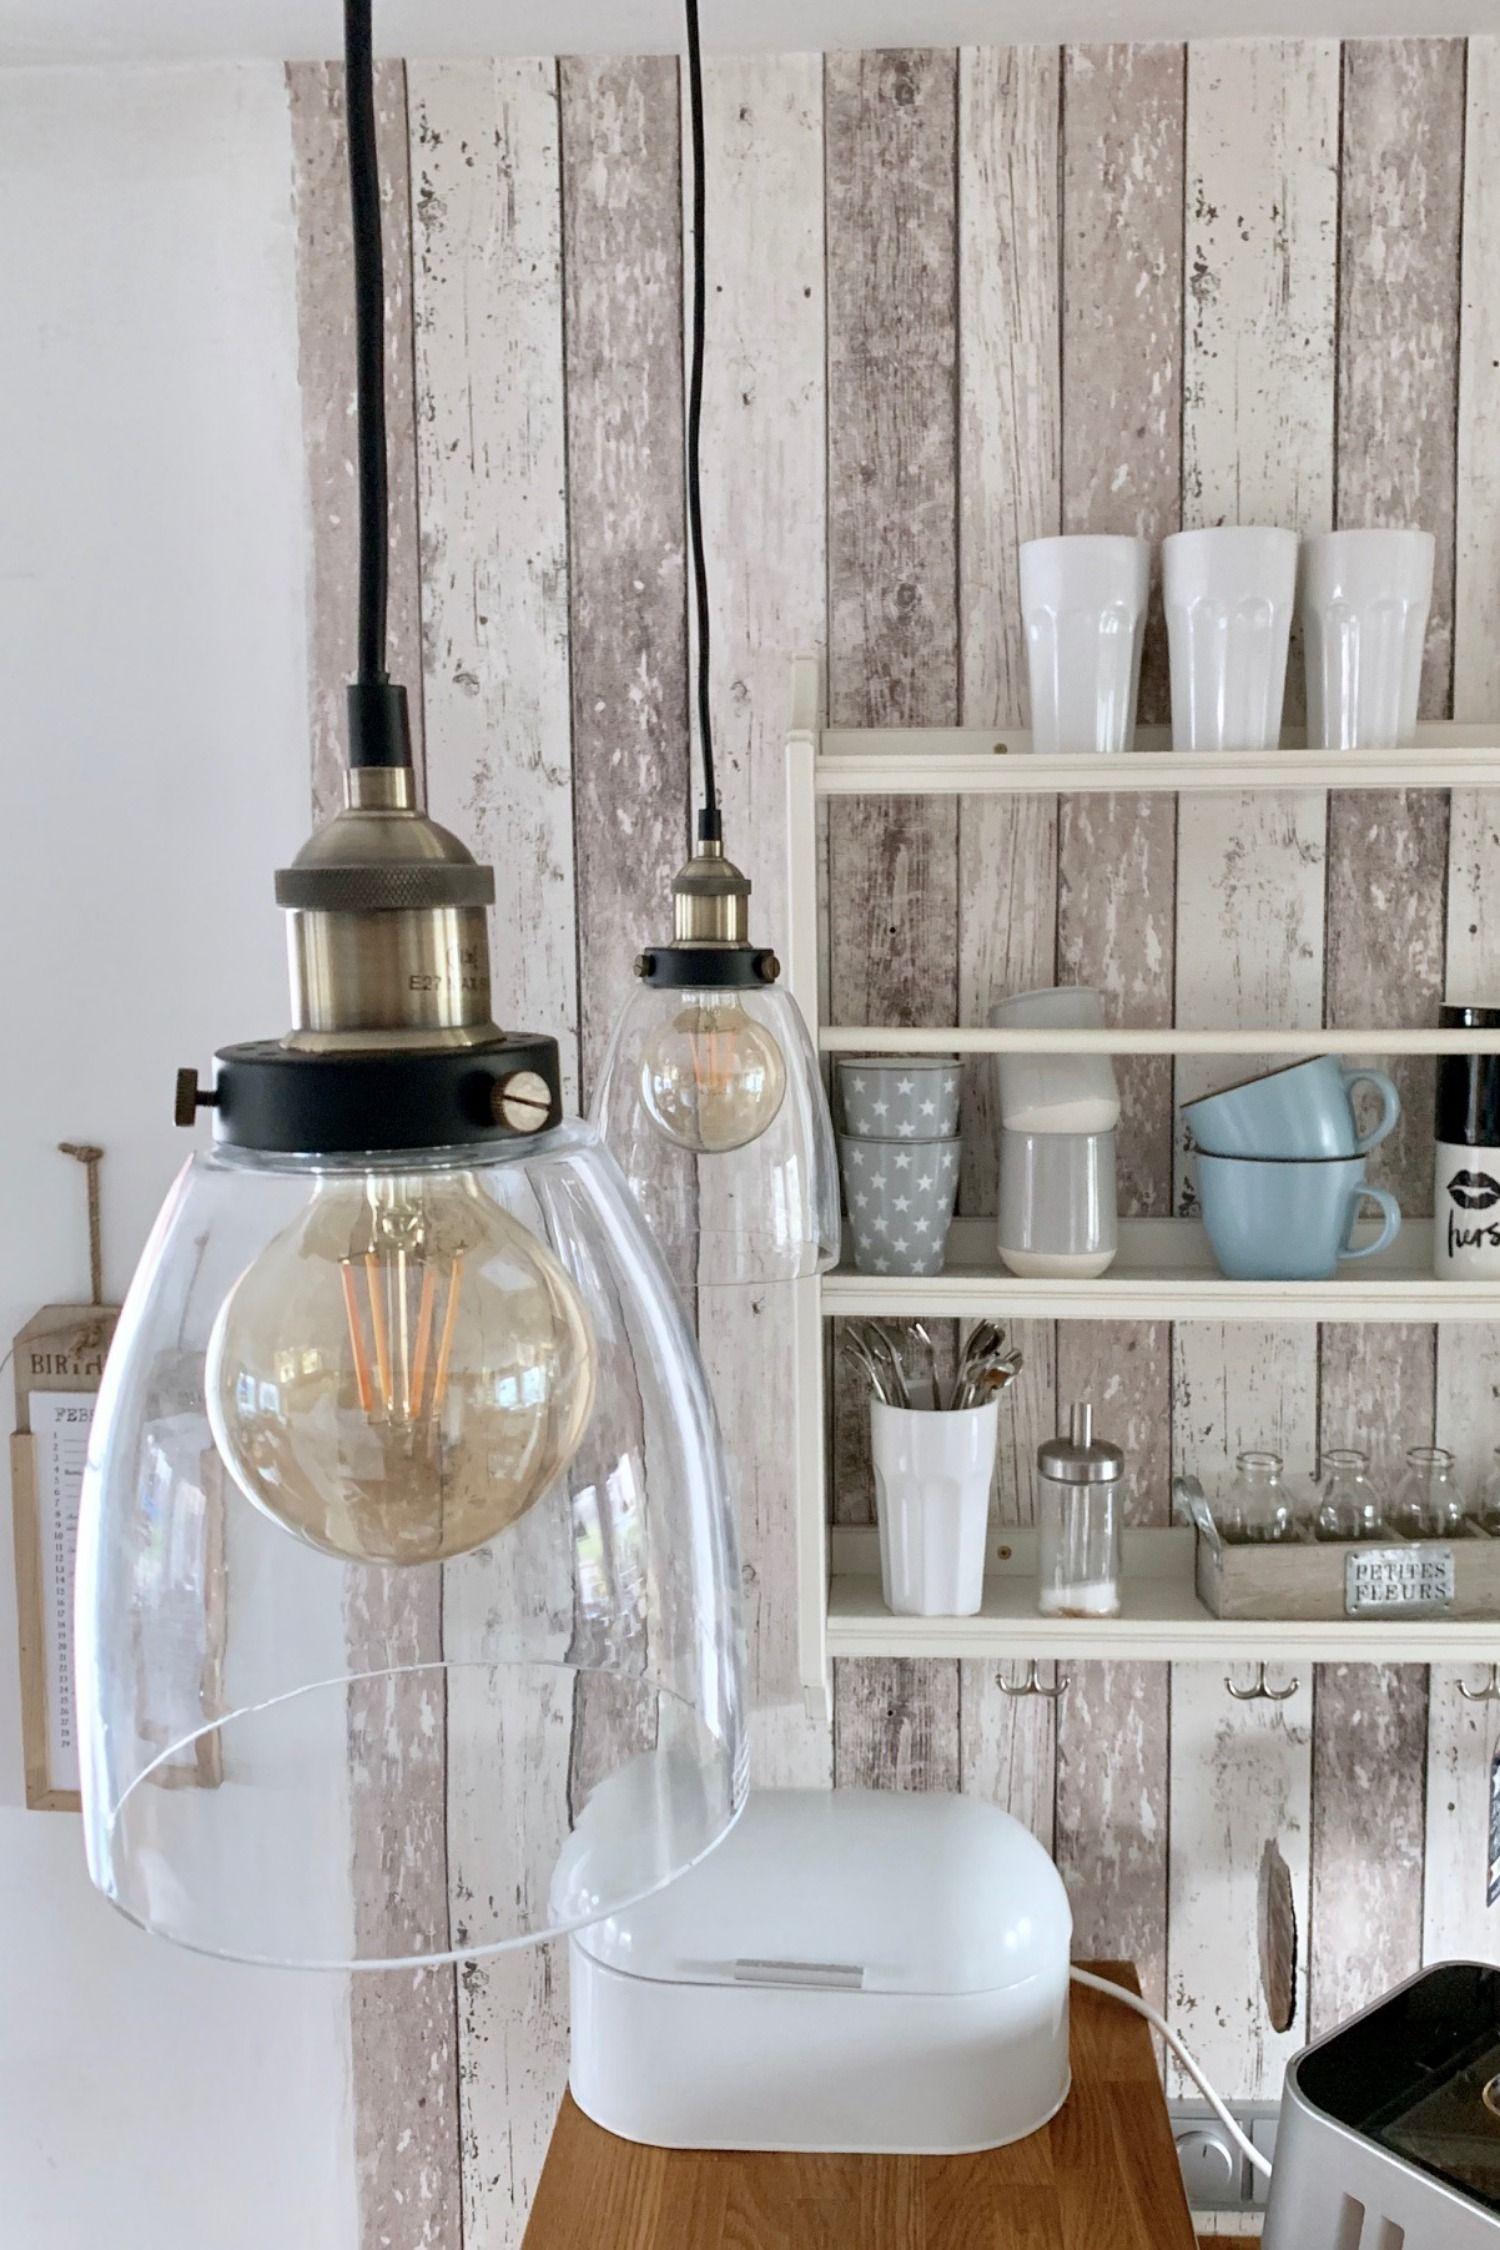 Diese Pendelleuchte Verleiht Jedem Raum Eine Besondere Atmosphare Im Wohnzimmer Kuche Arbeitszimmer Jetzt Entdecken Pendelleuchte Lampen Lampen Kaufen